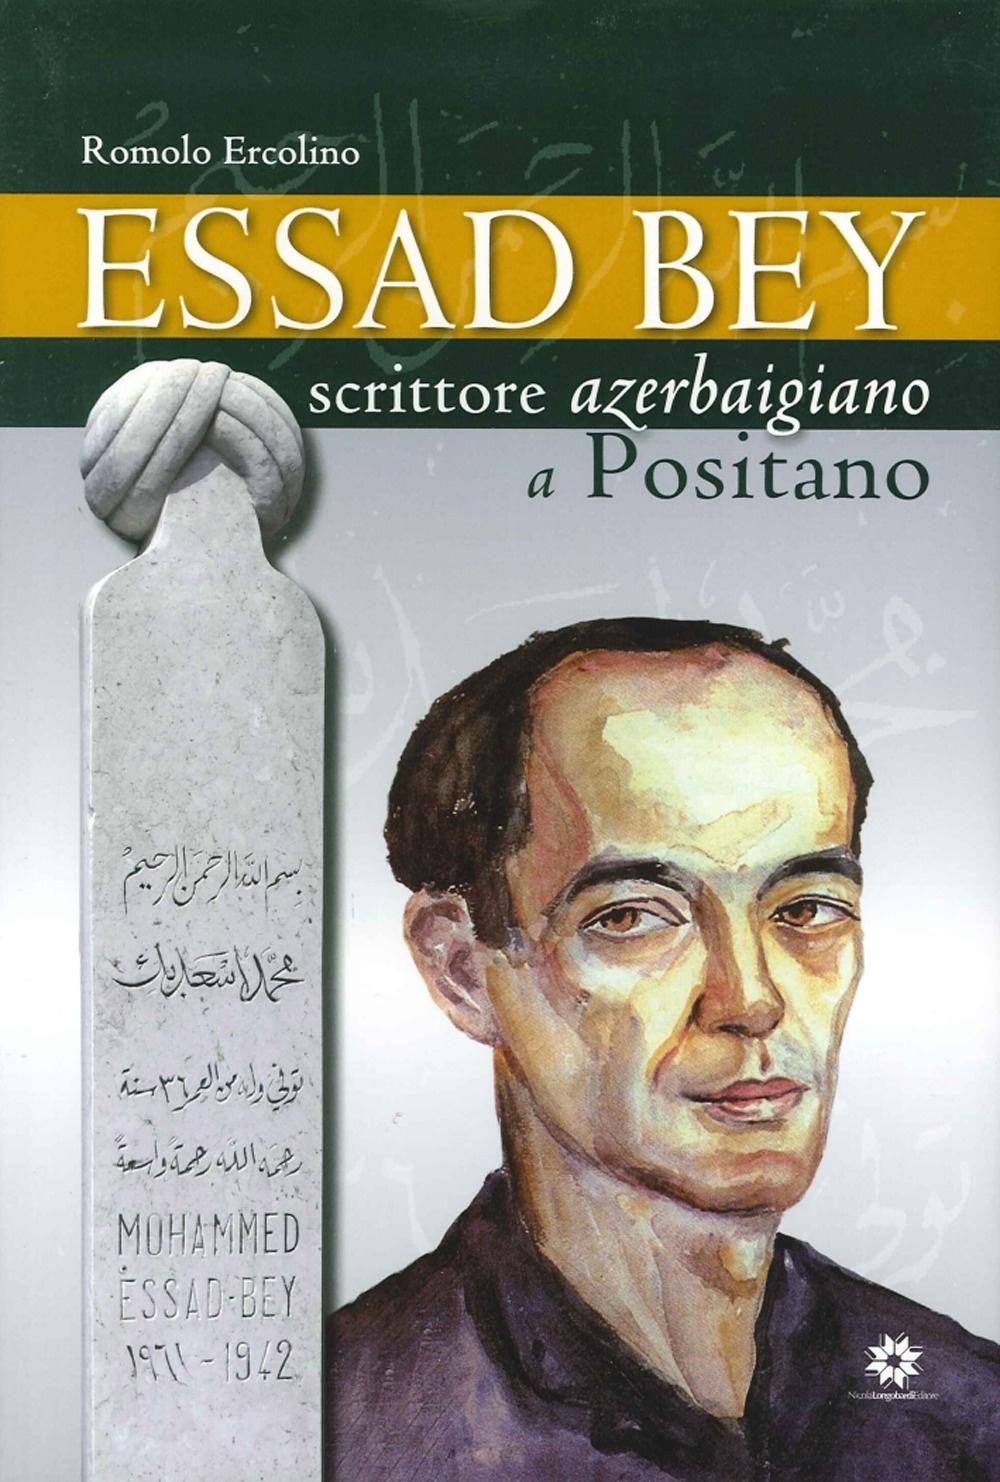 Essad Bey. Scrittore azerbaigiano a Positano